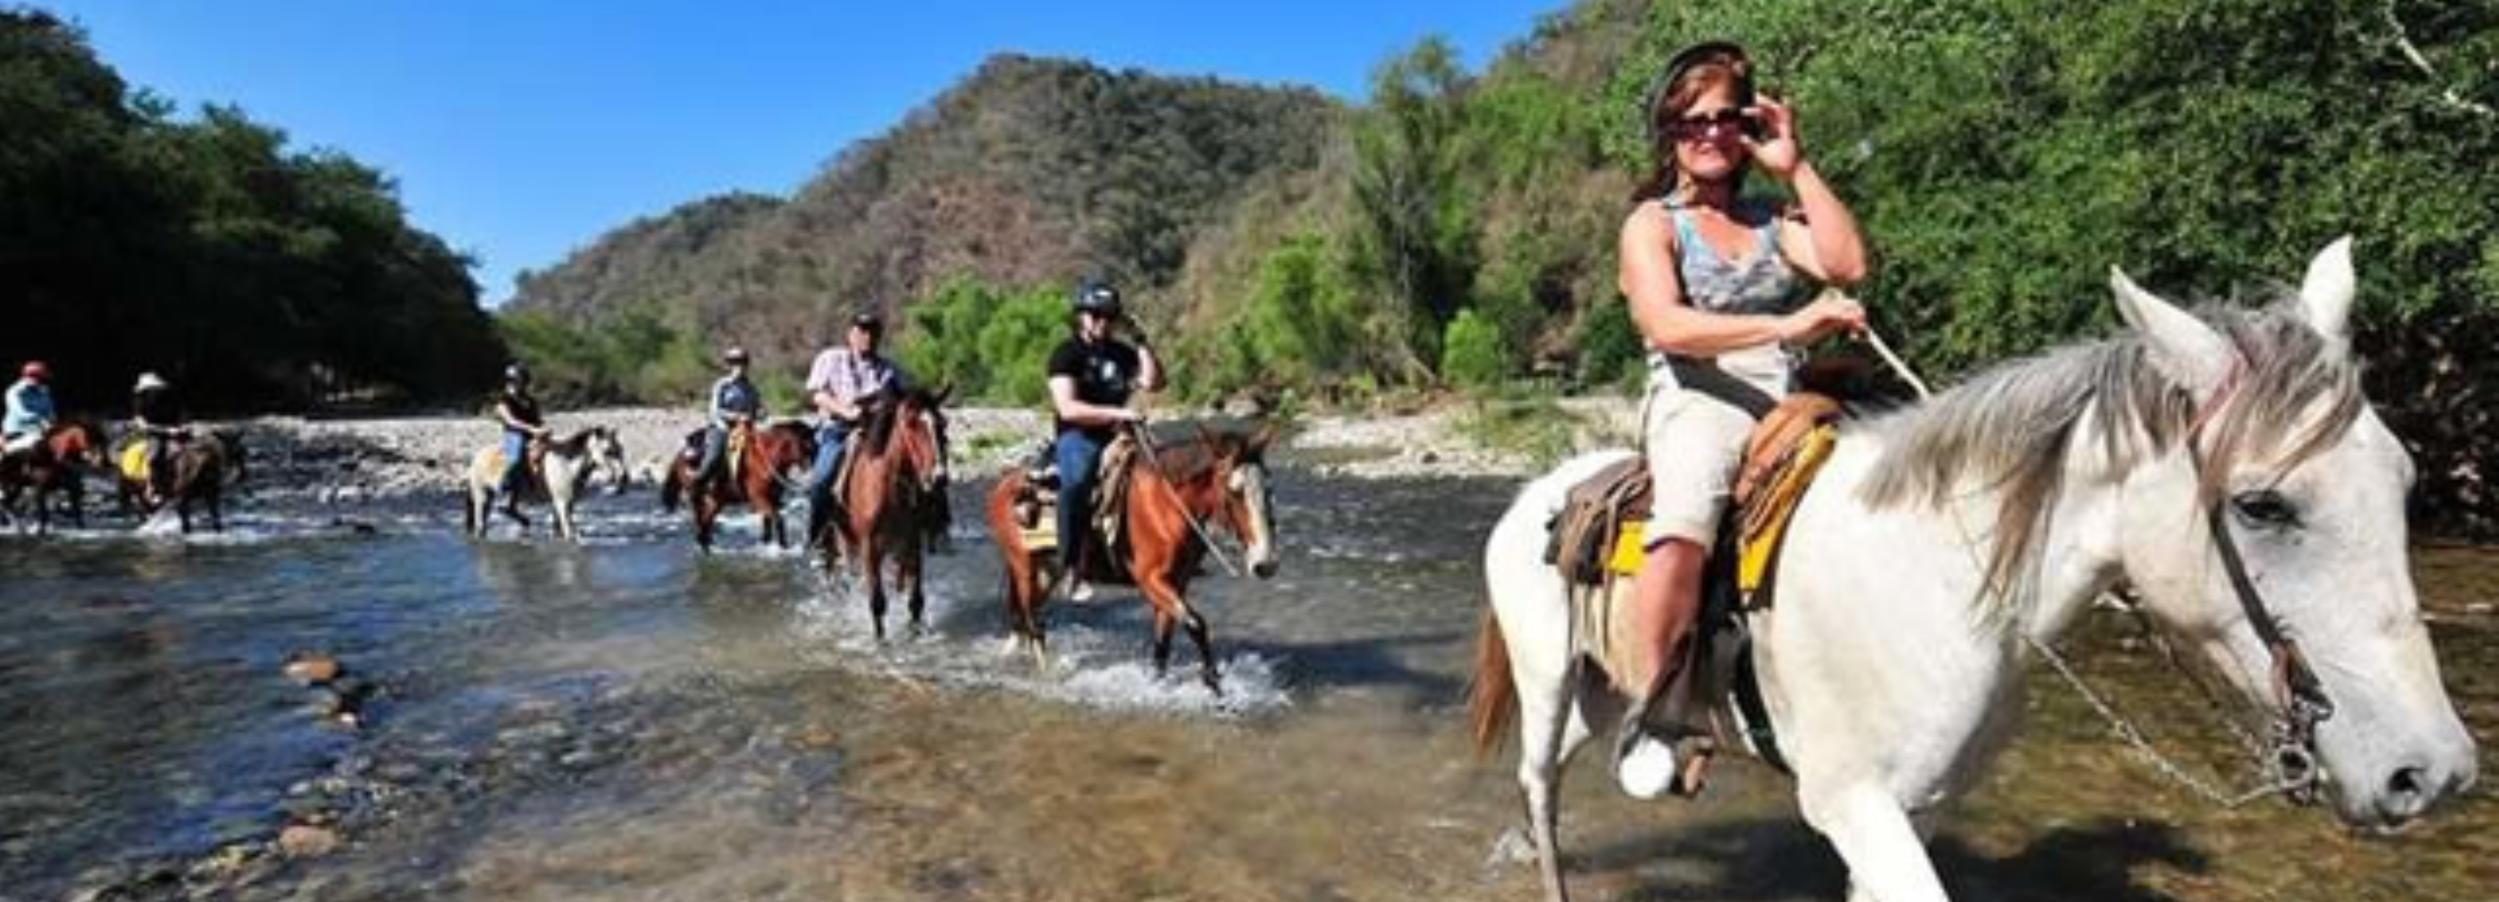 Puerto Escondido: Horse Ride to the Atotonilco Hot Springs